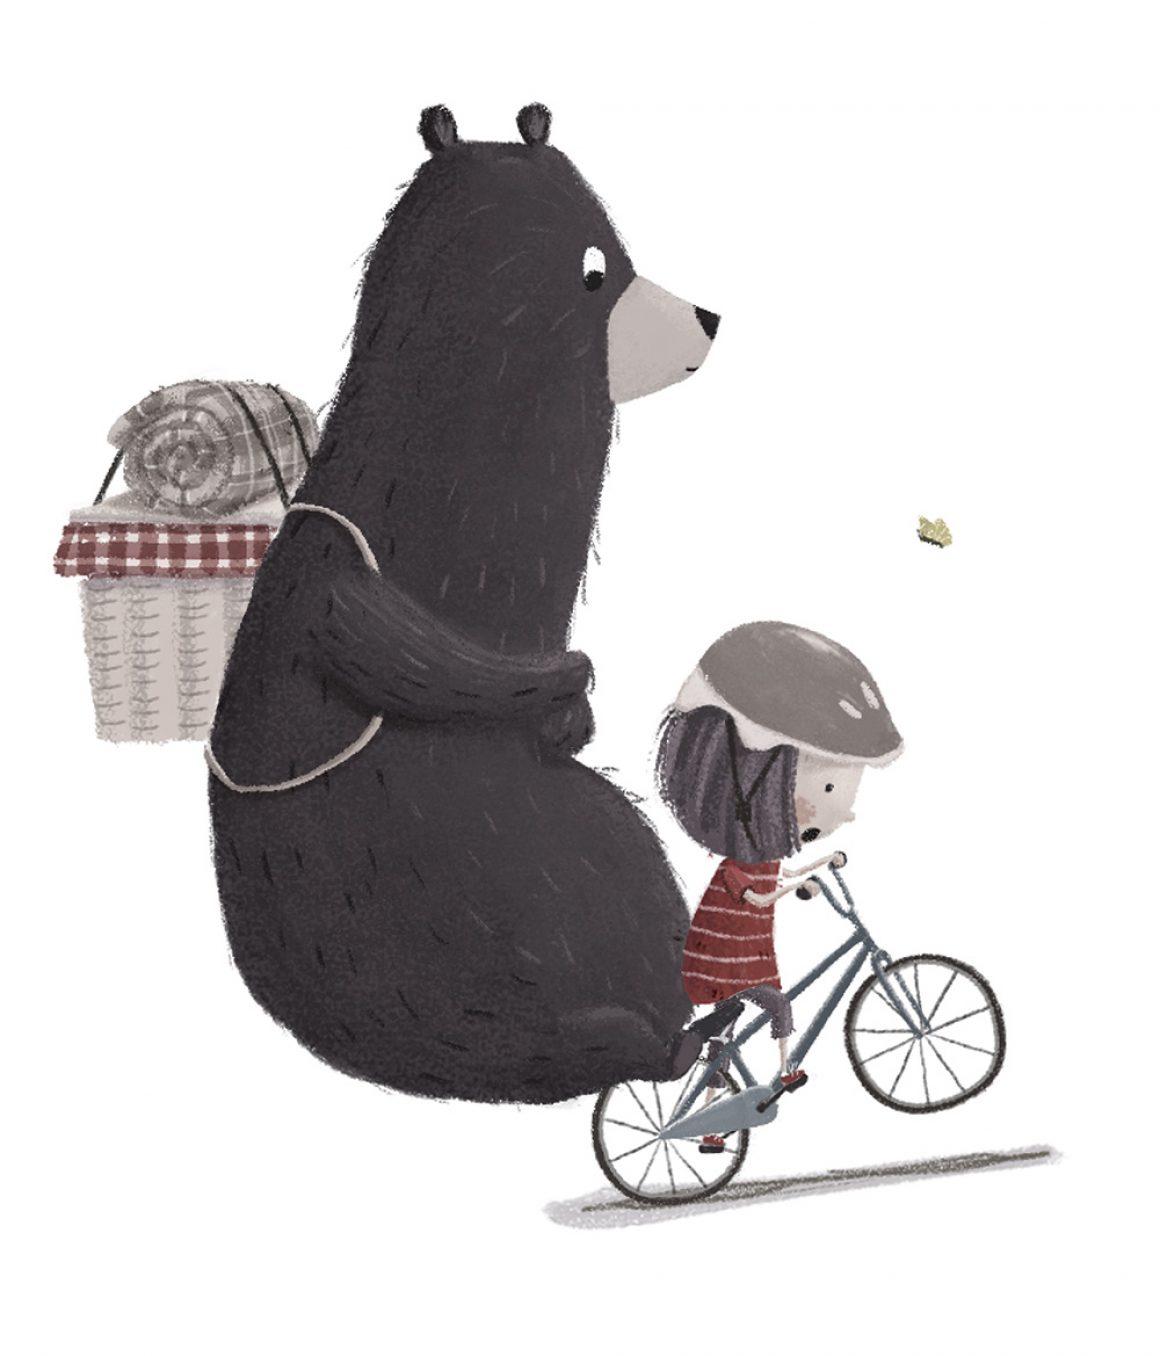 BATB Cycling 1000w